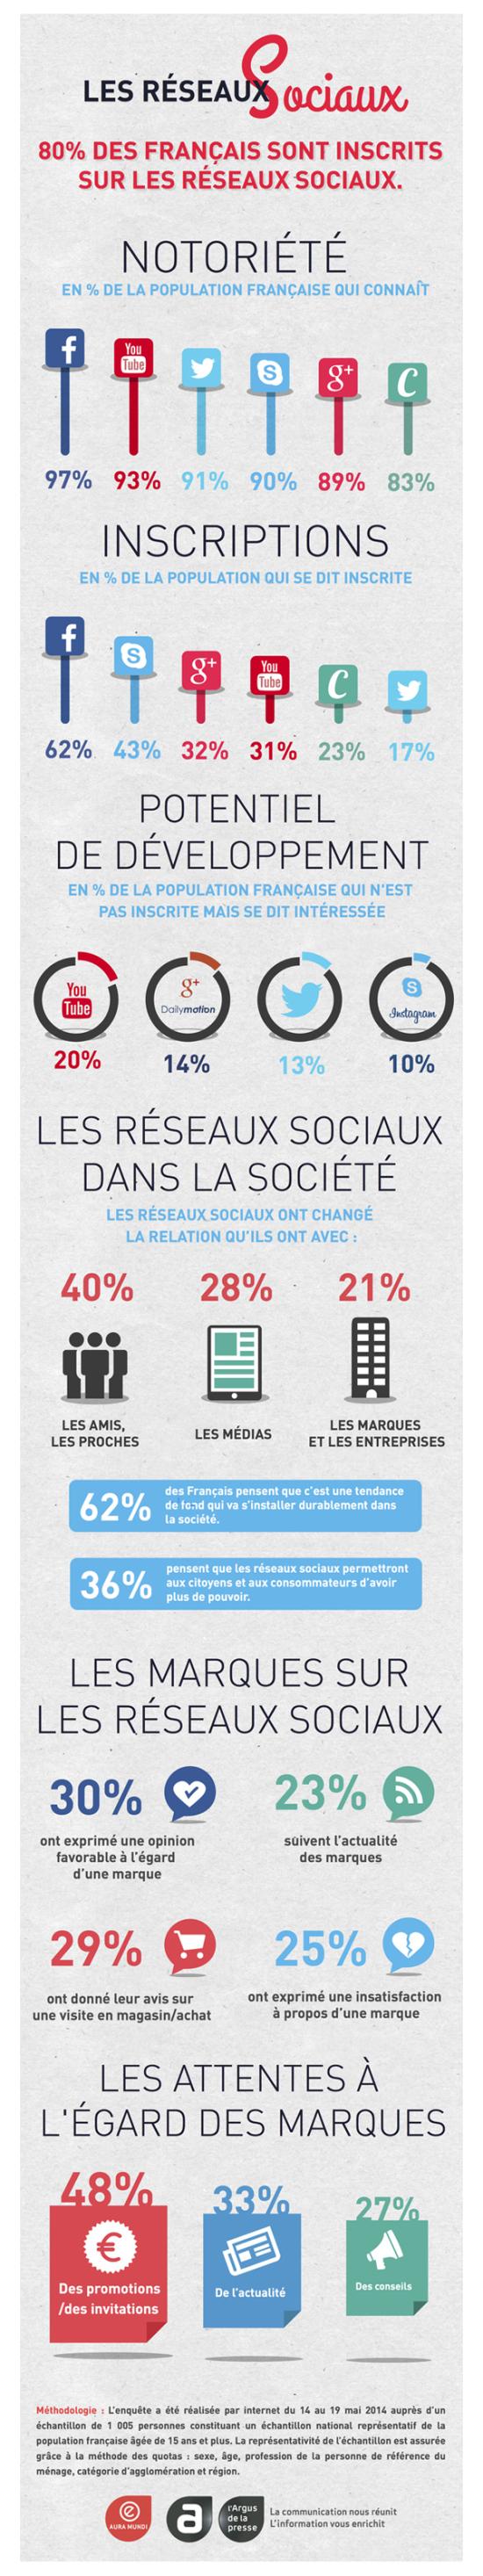 infographie-Les-réseaux-sociaux-Aura-Mundi-sur-culture-RP